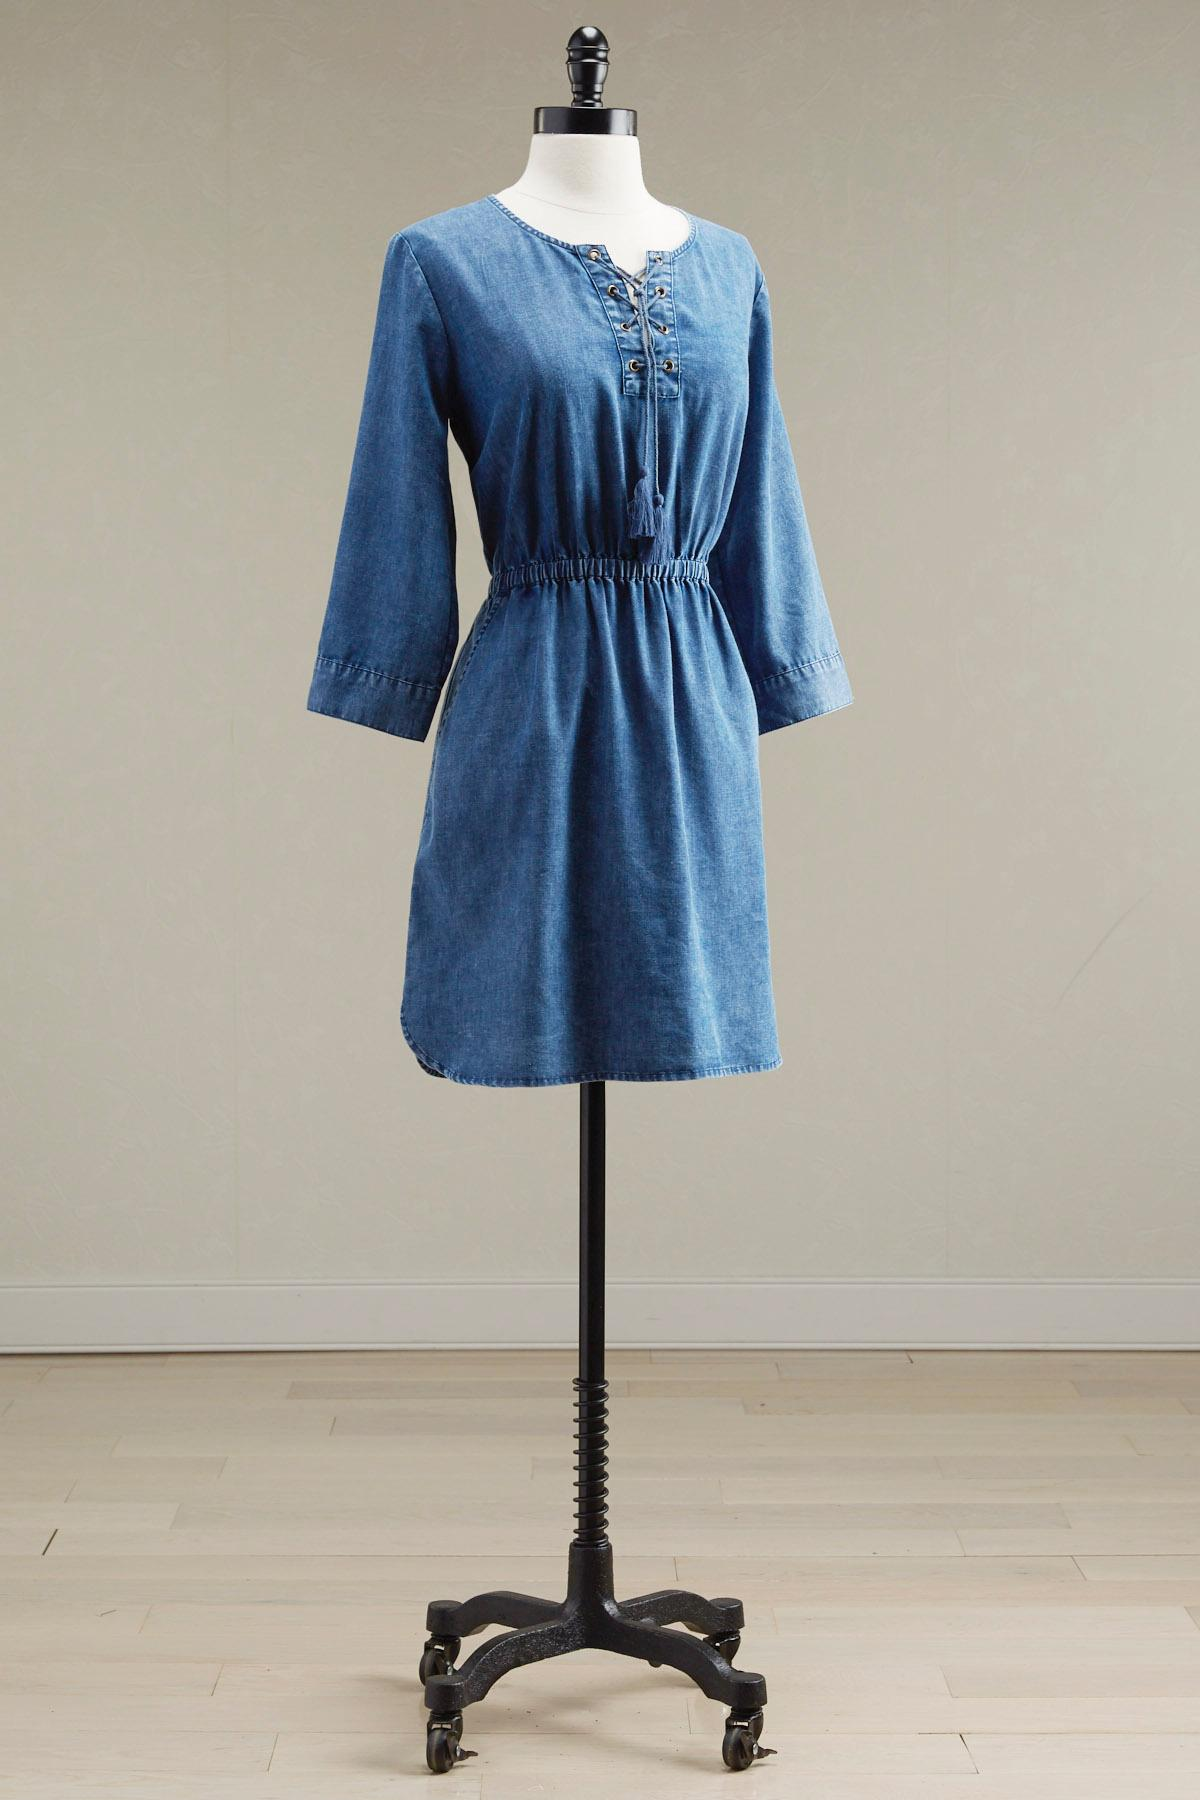 Lace Up Chambray Blouson Dress